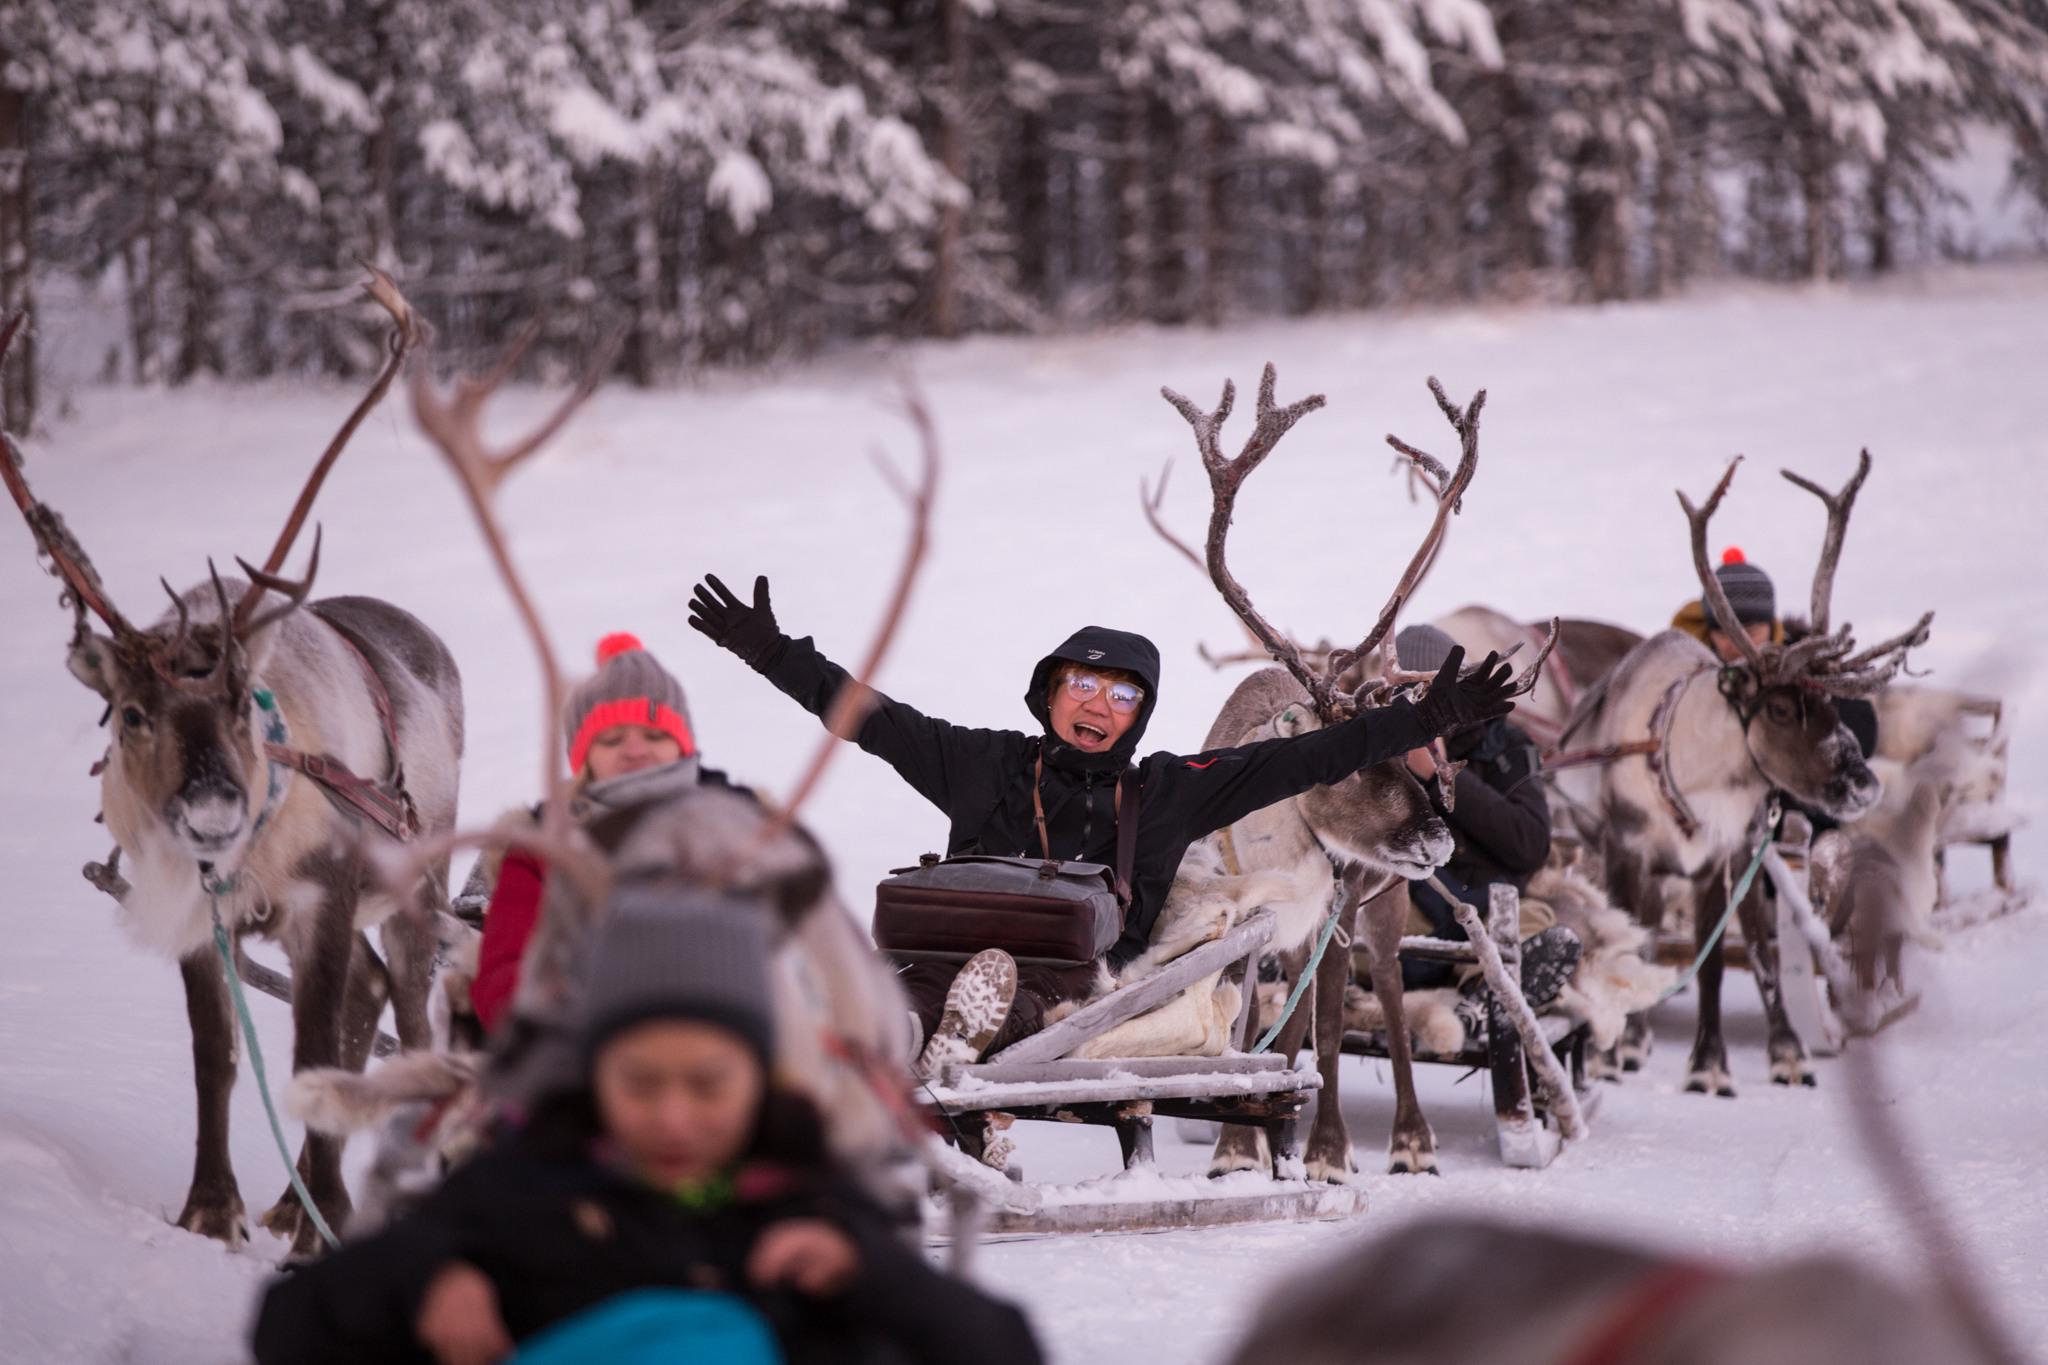 Porosafarilla Inarin Porofarmilla, kuvassa poroja ja turisteja. kuva: jouni männistö